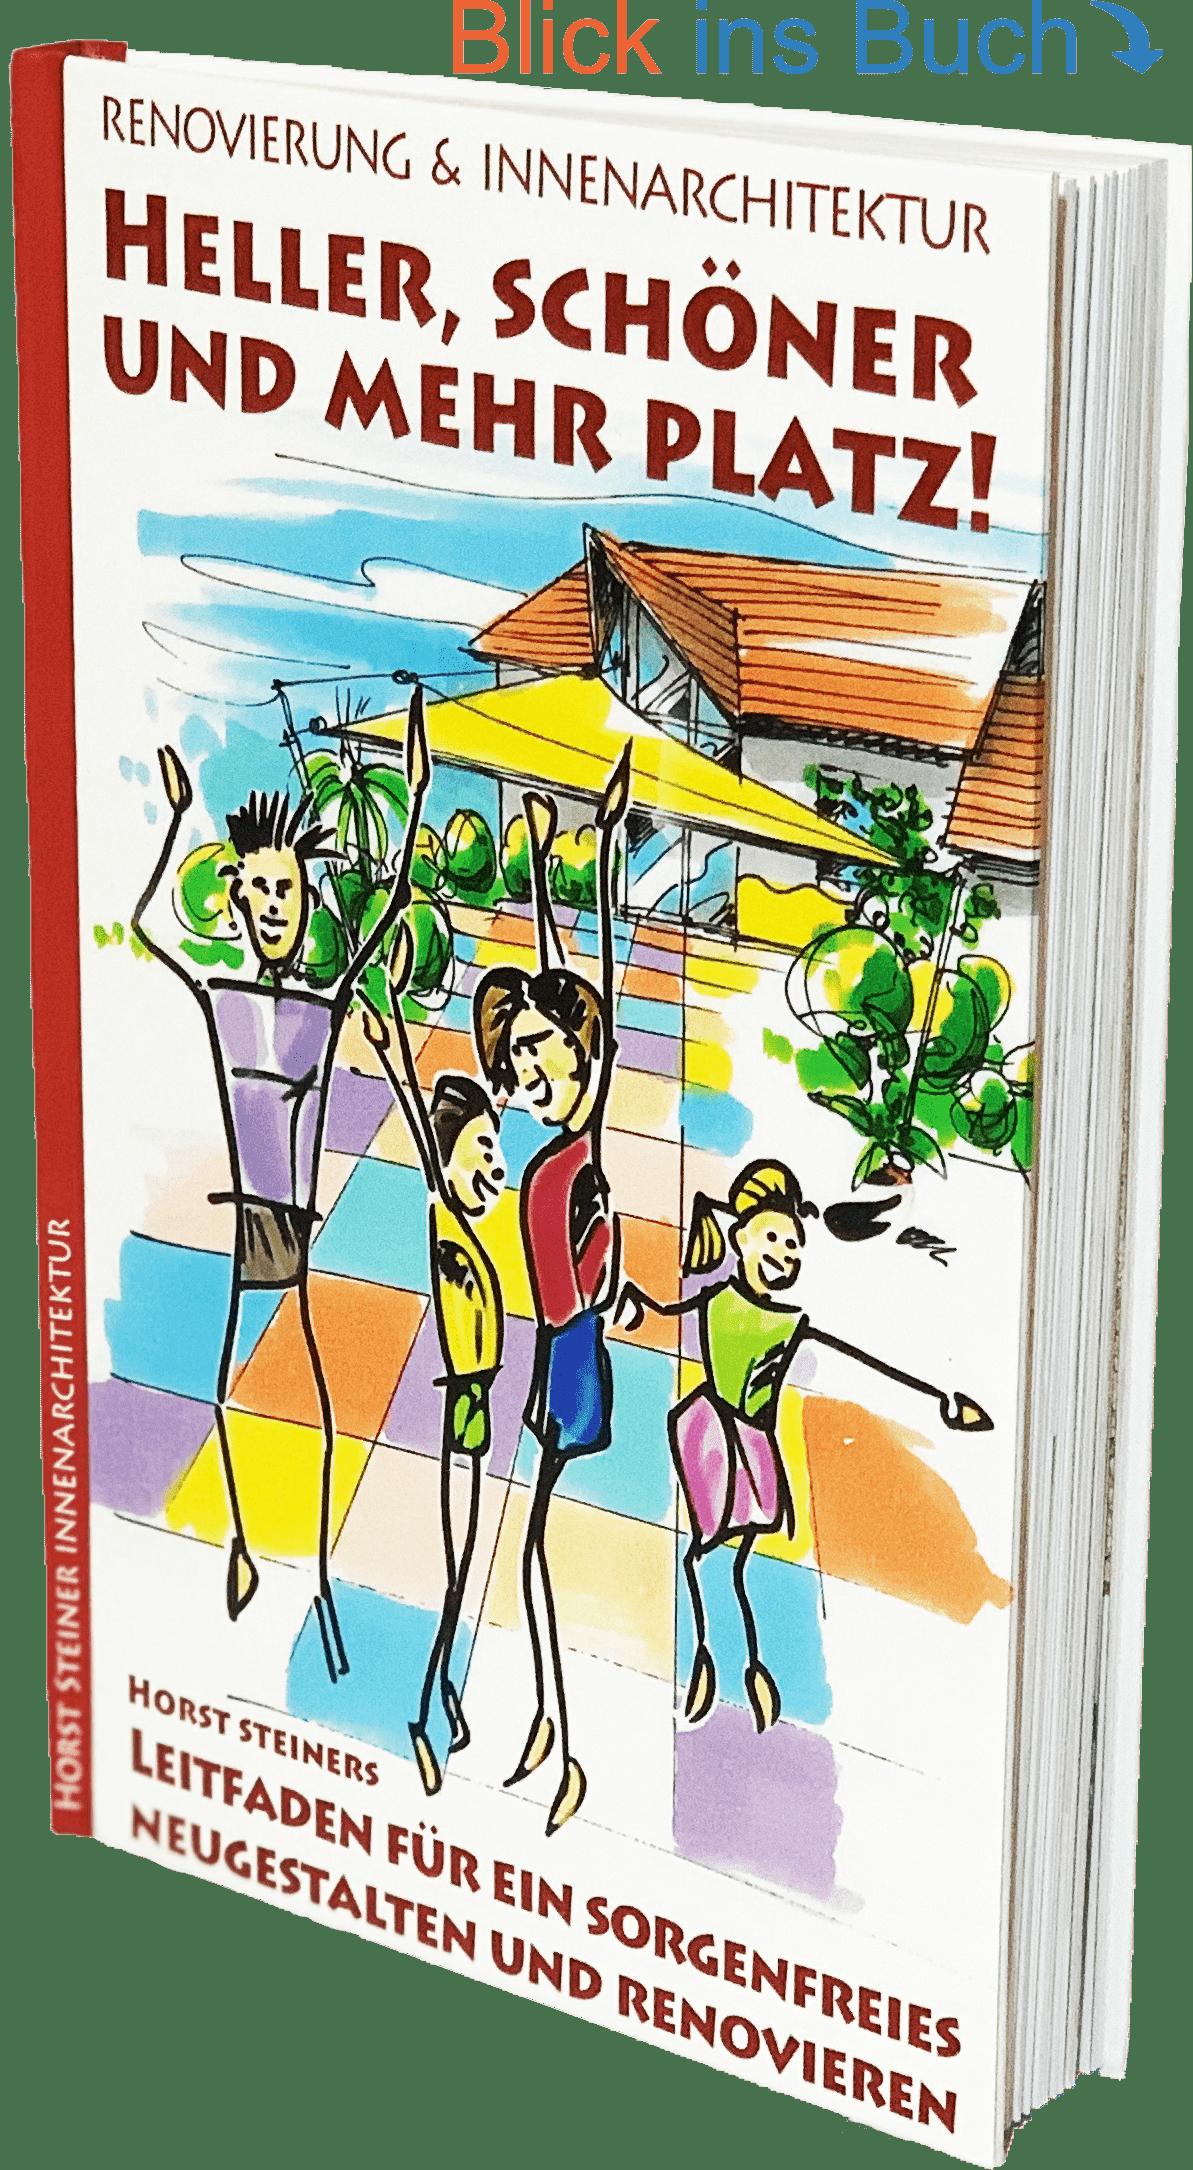 Innenarchitektur Renovierungen Ratgeber Buch - Heller, schöner und mehr Platz!